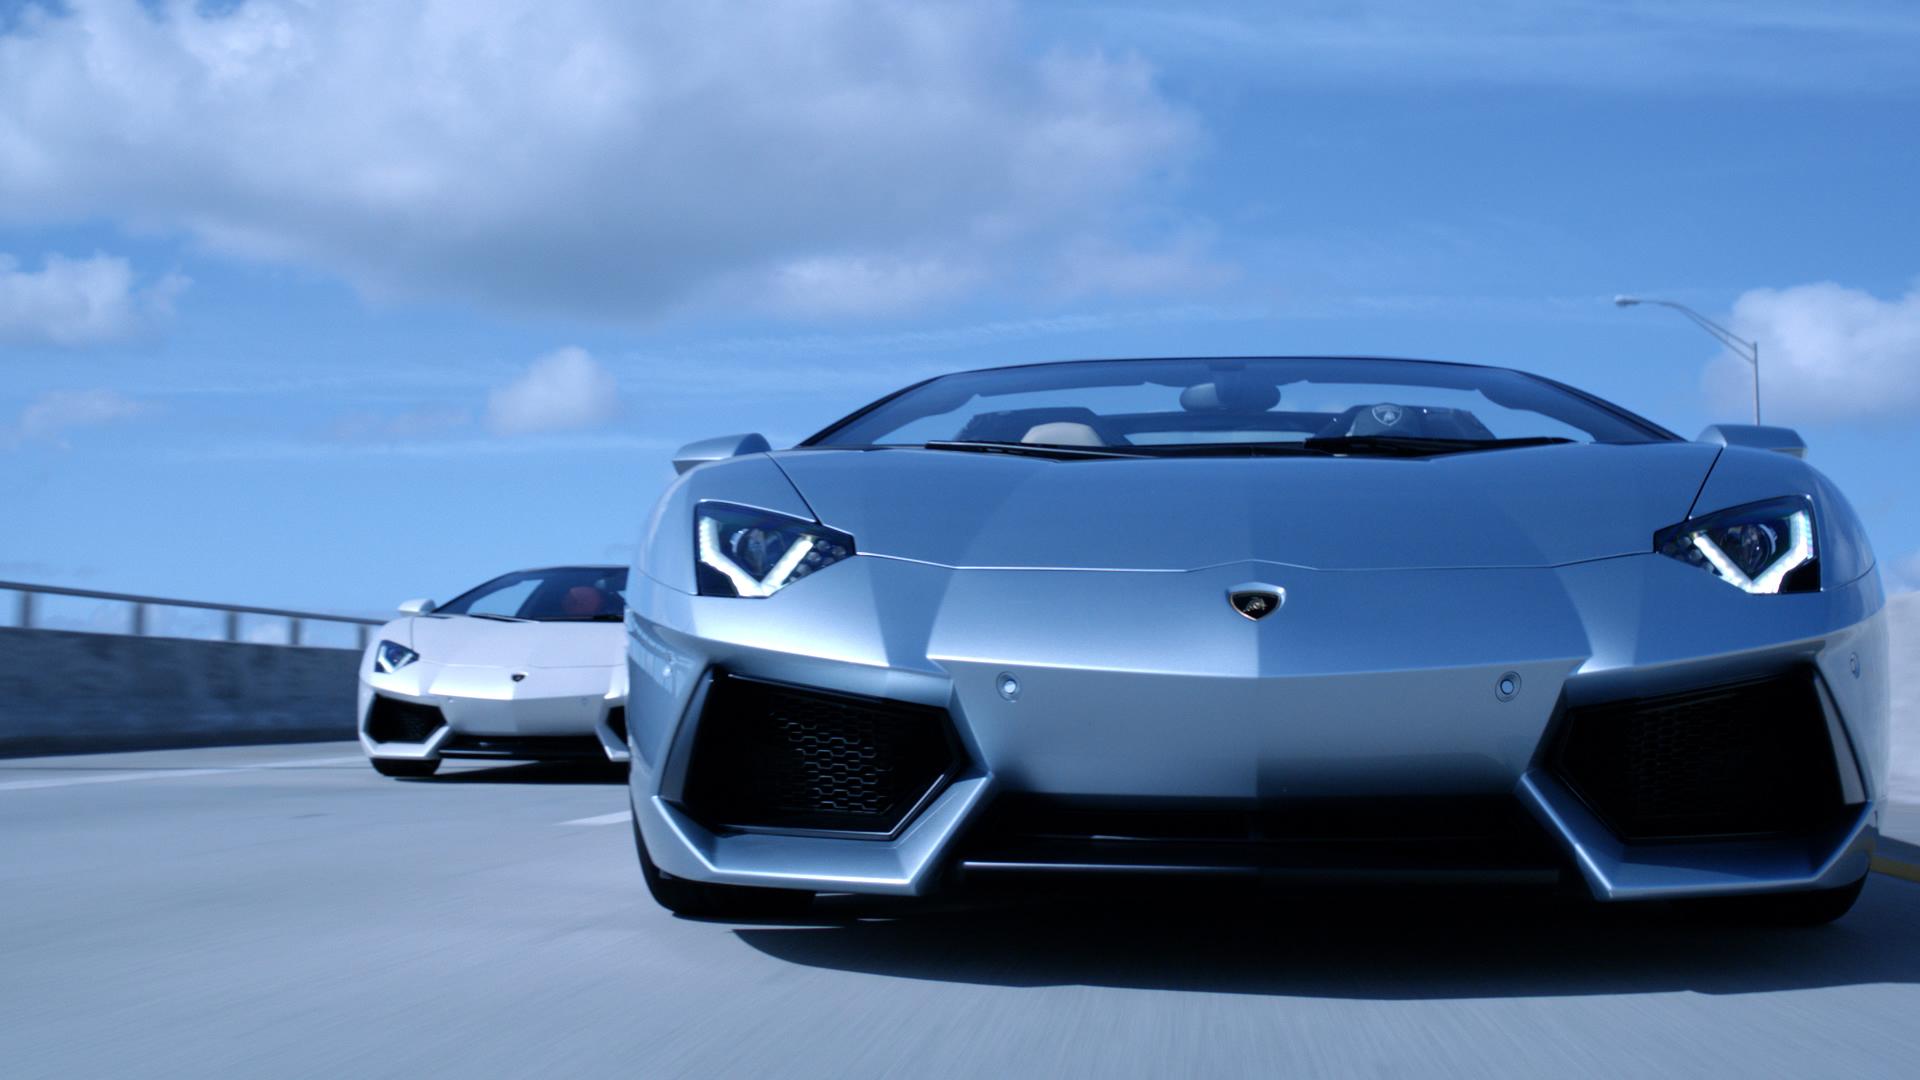 Lamborghini_Aentador4444_060213_00716.jpg